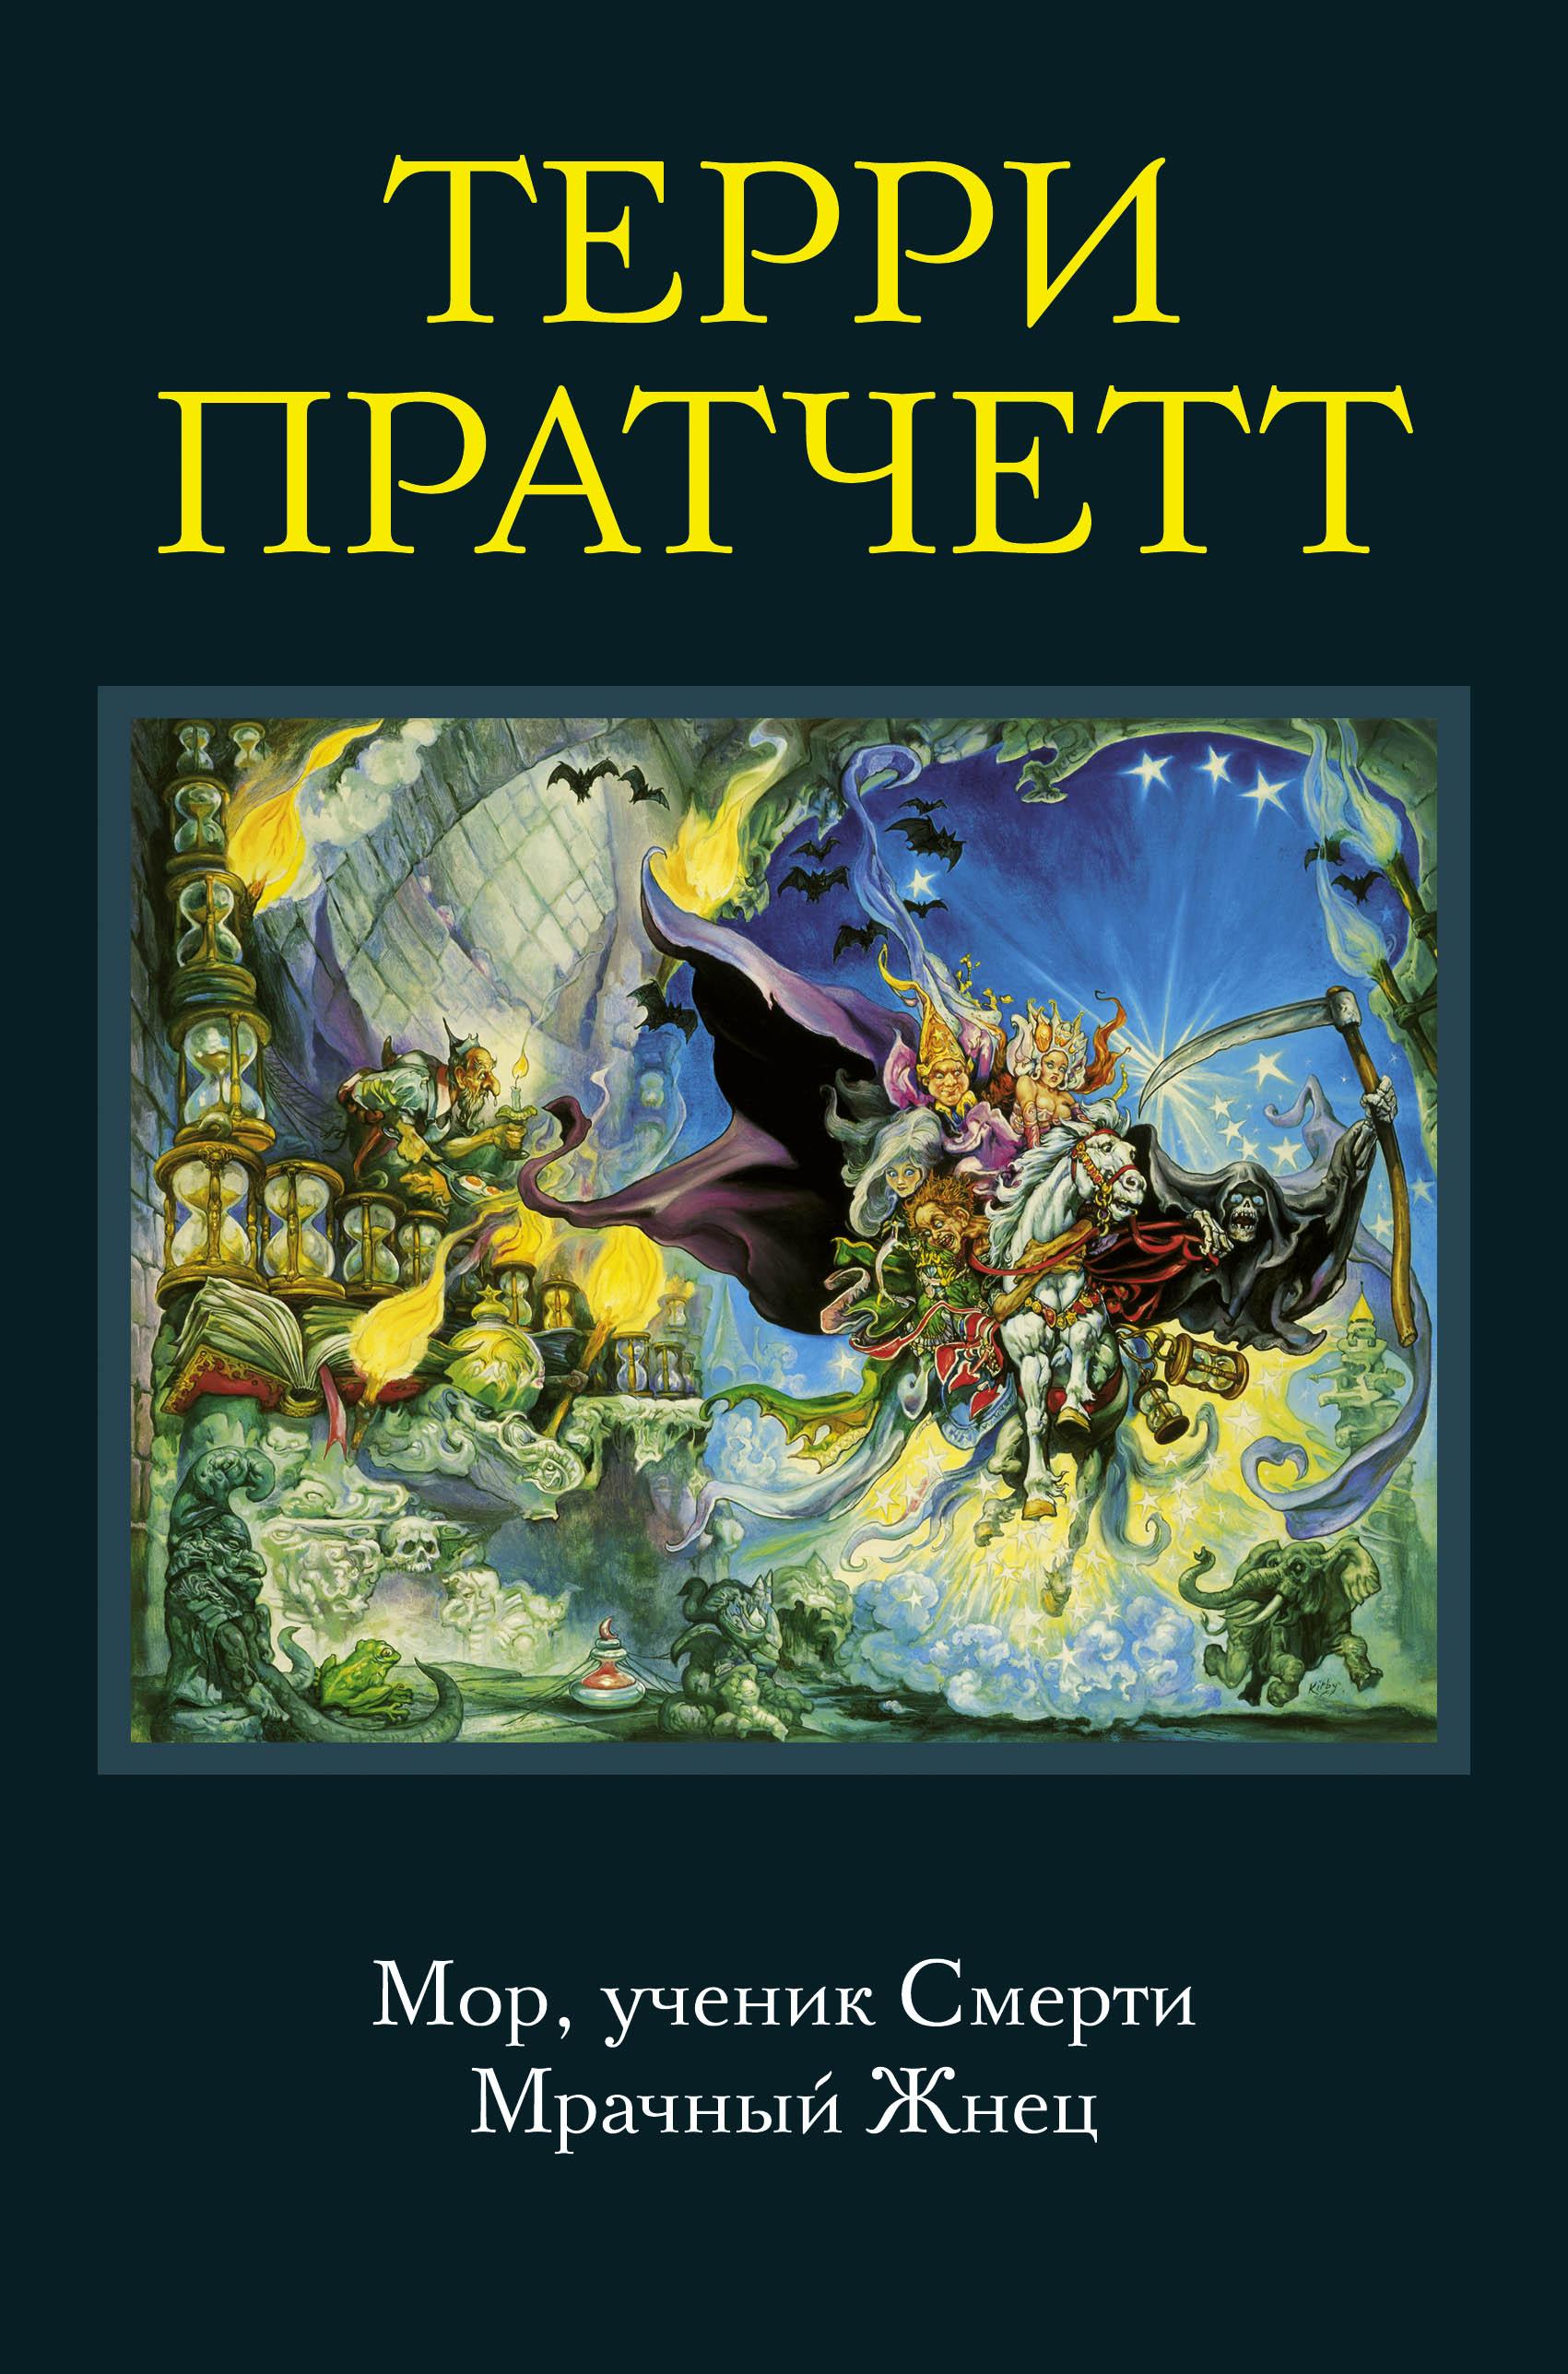 Книга мрачный жнец четыре романа о плоском мире терри пратчетт.